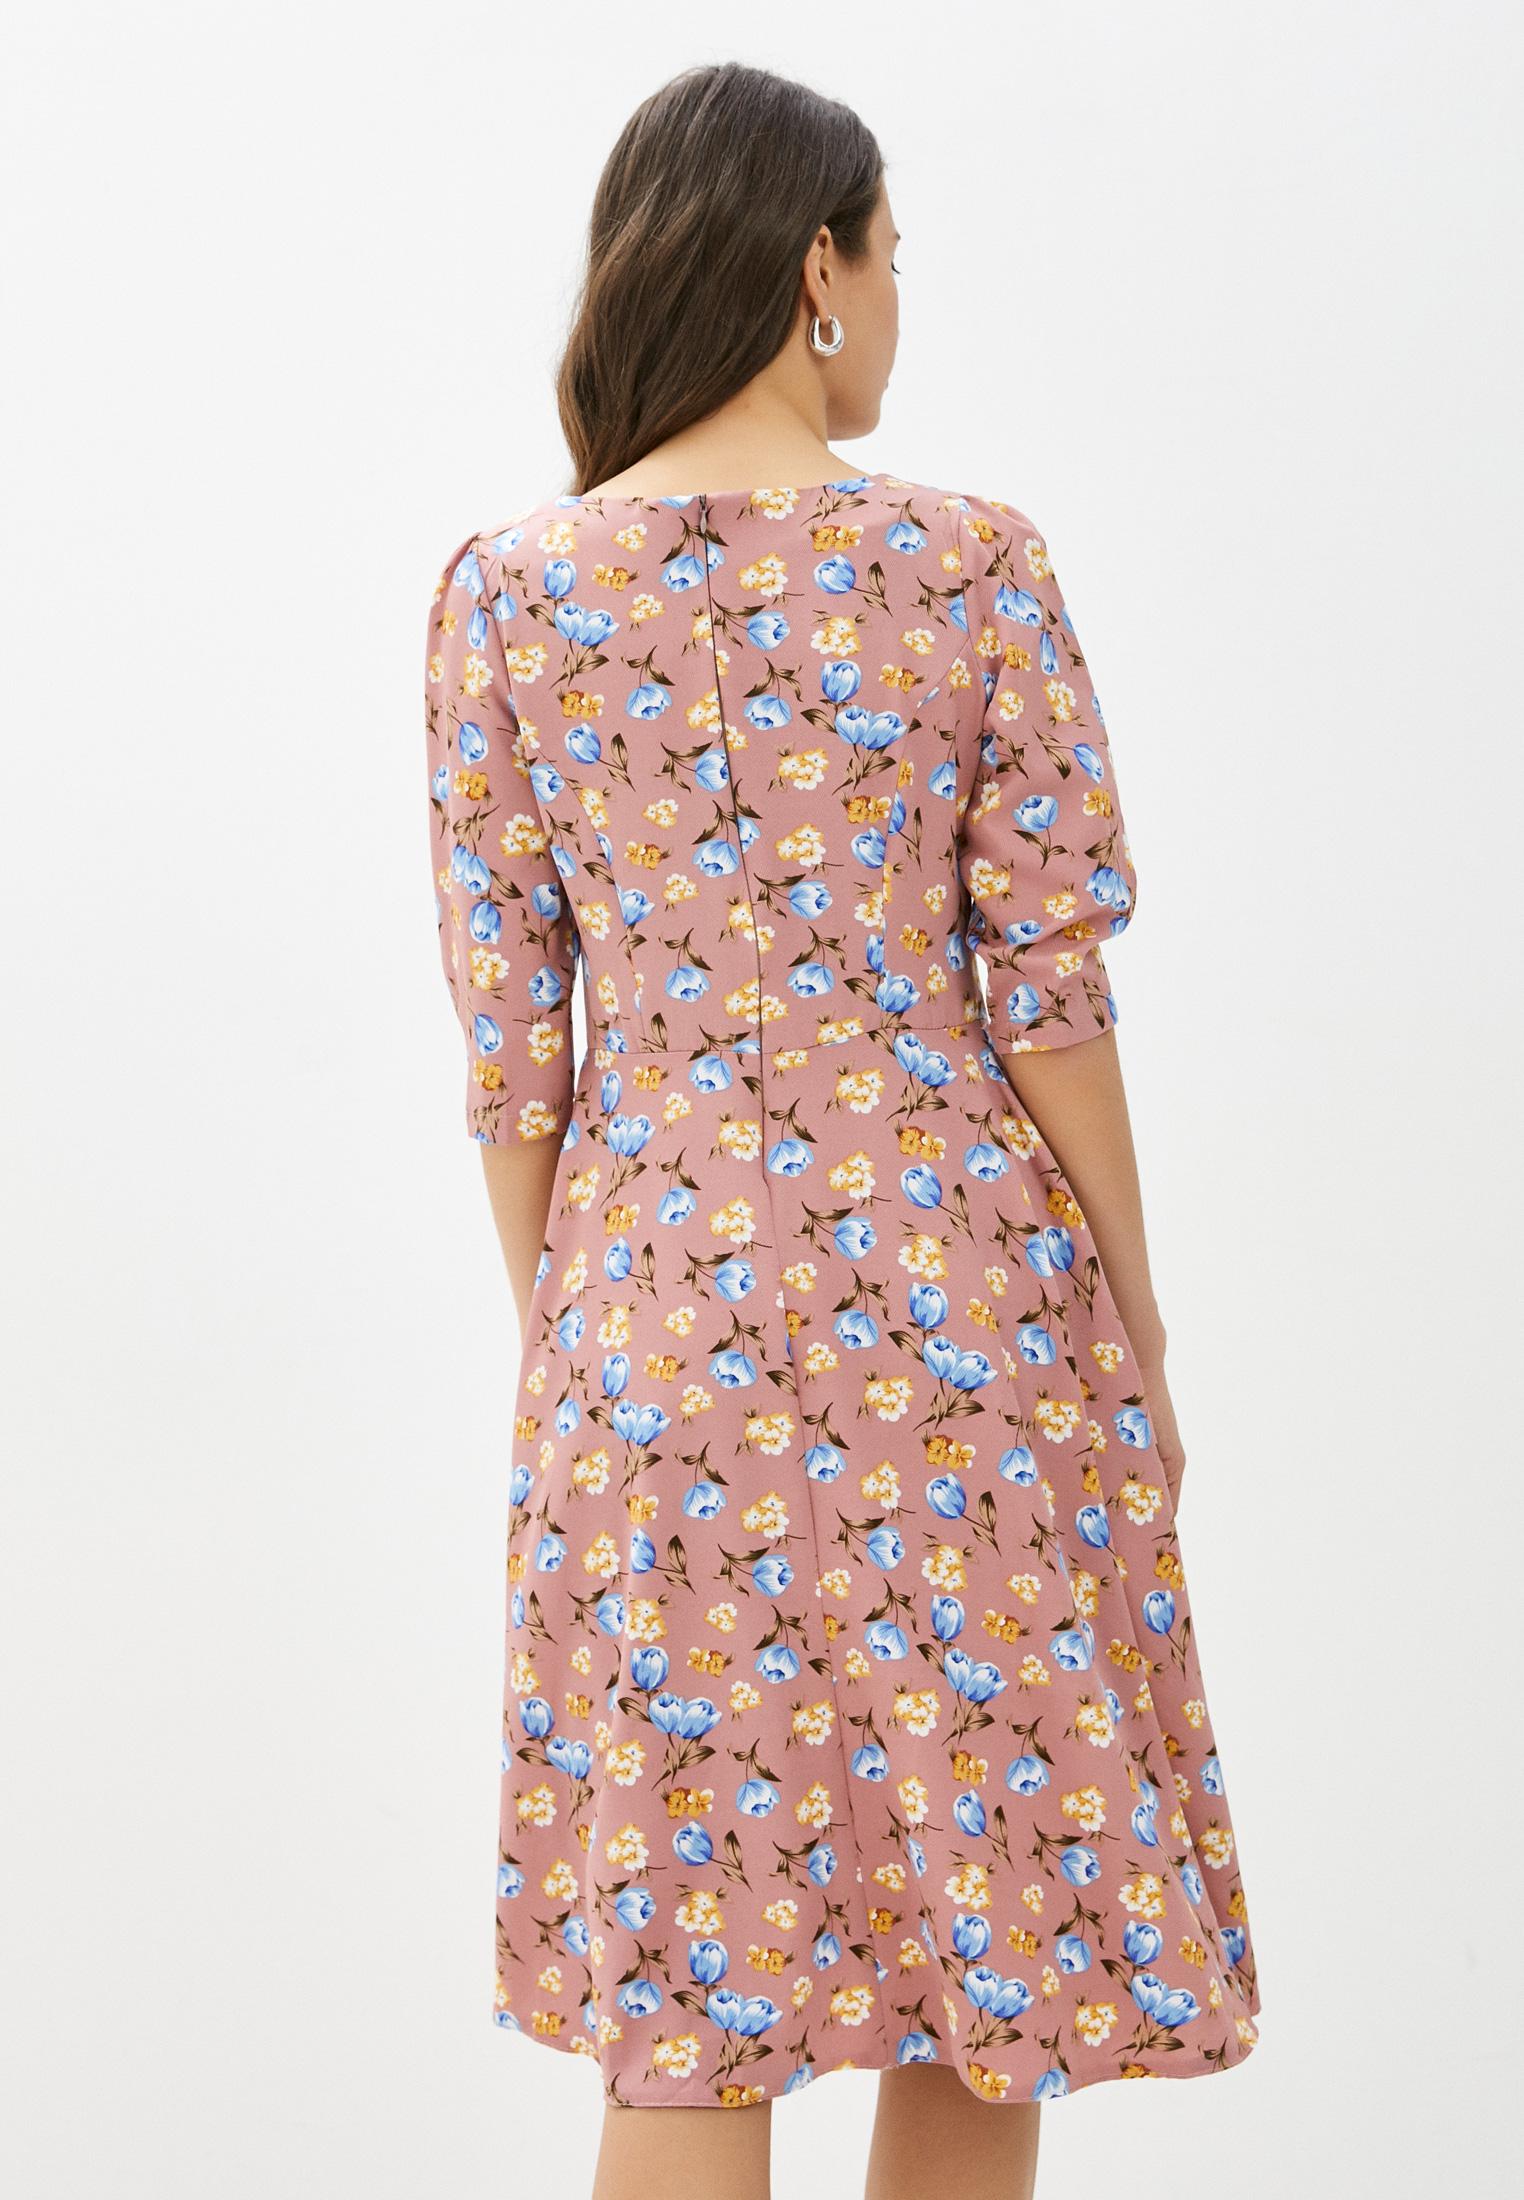 Повседневное платье Toku Tino TT8513023k/: изображение 3